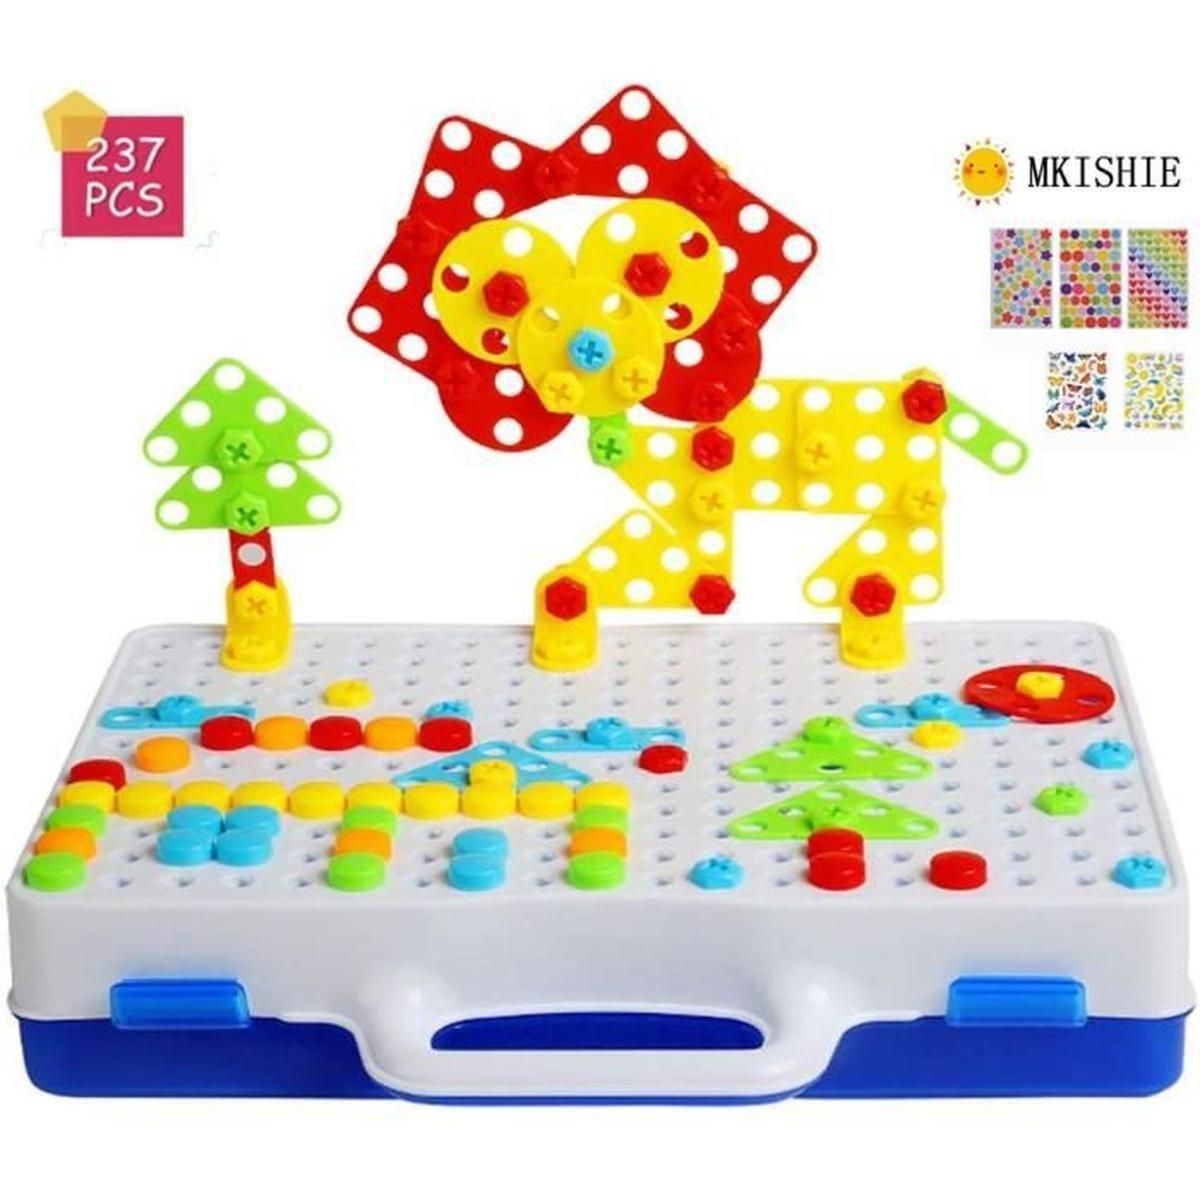 Mosaique Enfant Puzzle 3D Construction Enfant Jeu Montessori encequiconcerne Jouet Pour Fille 4 5 Ans